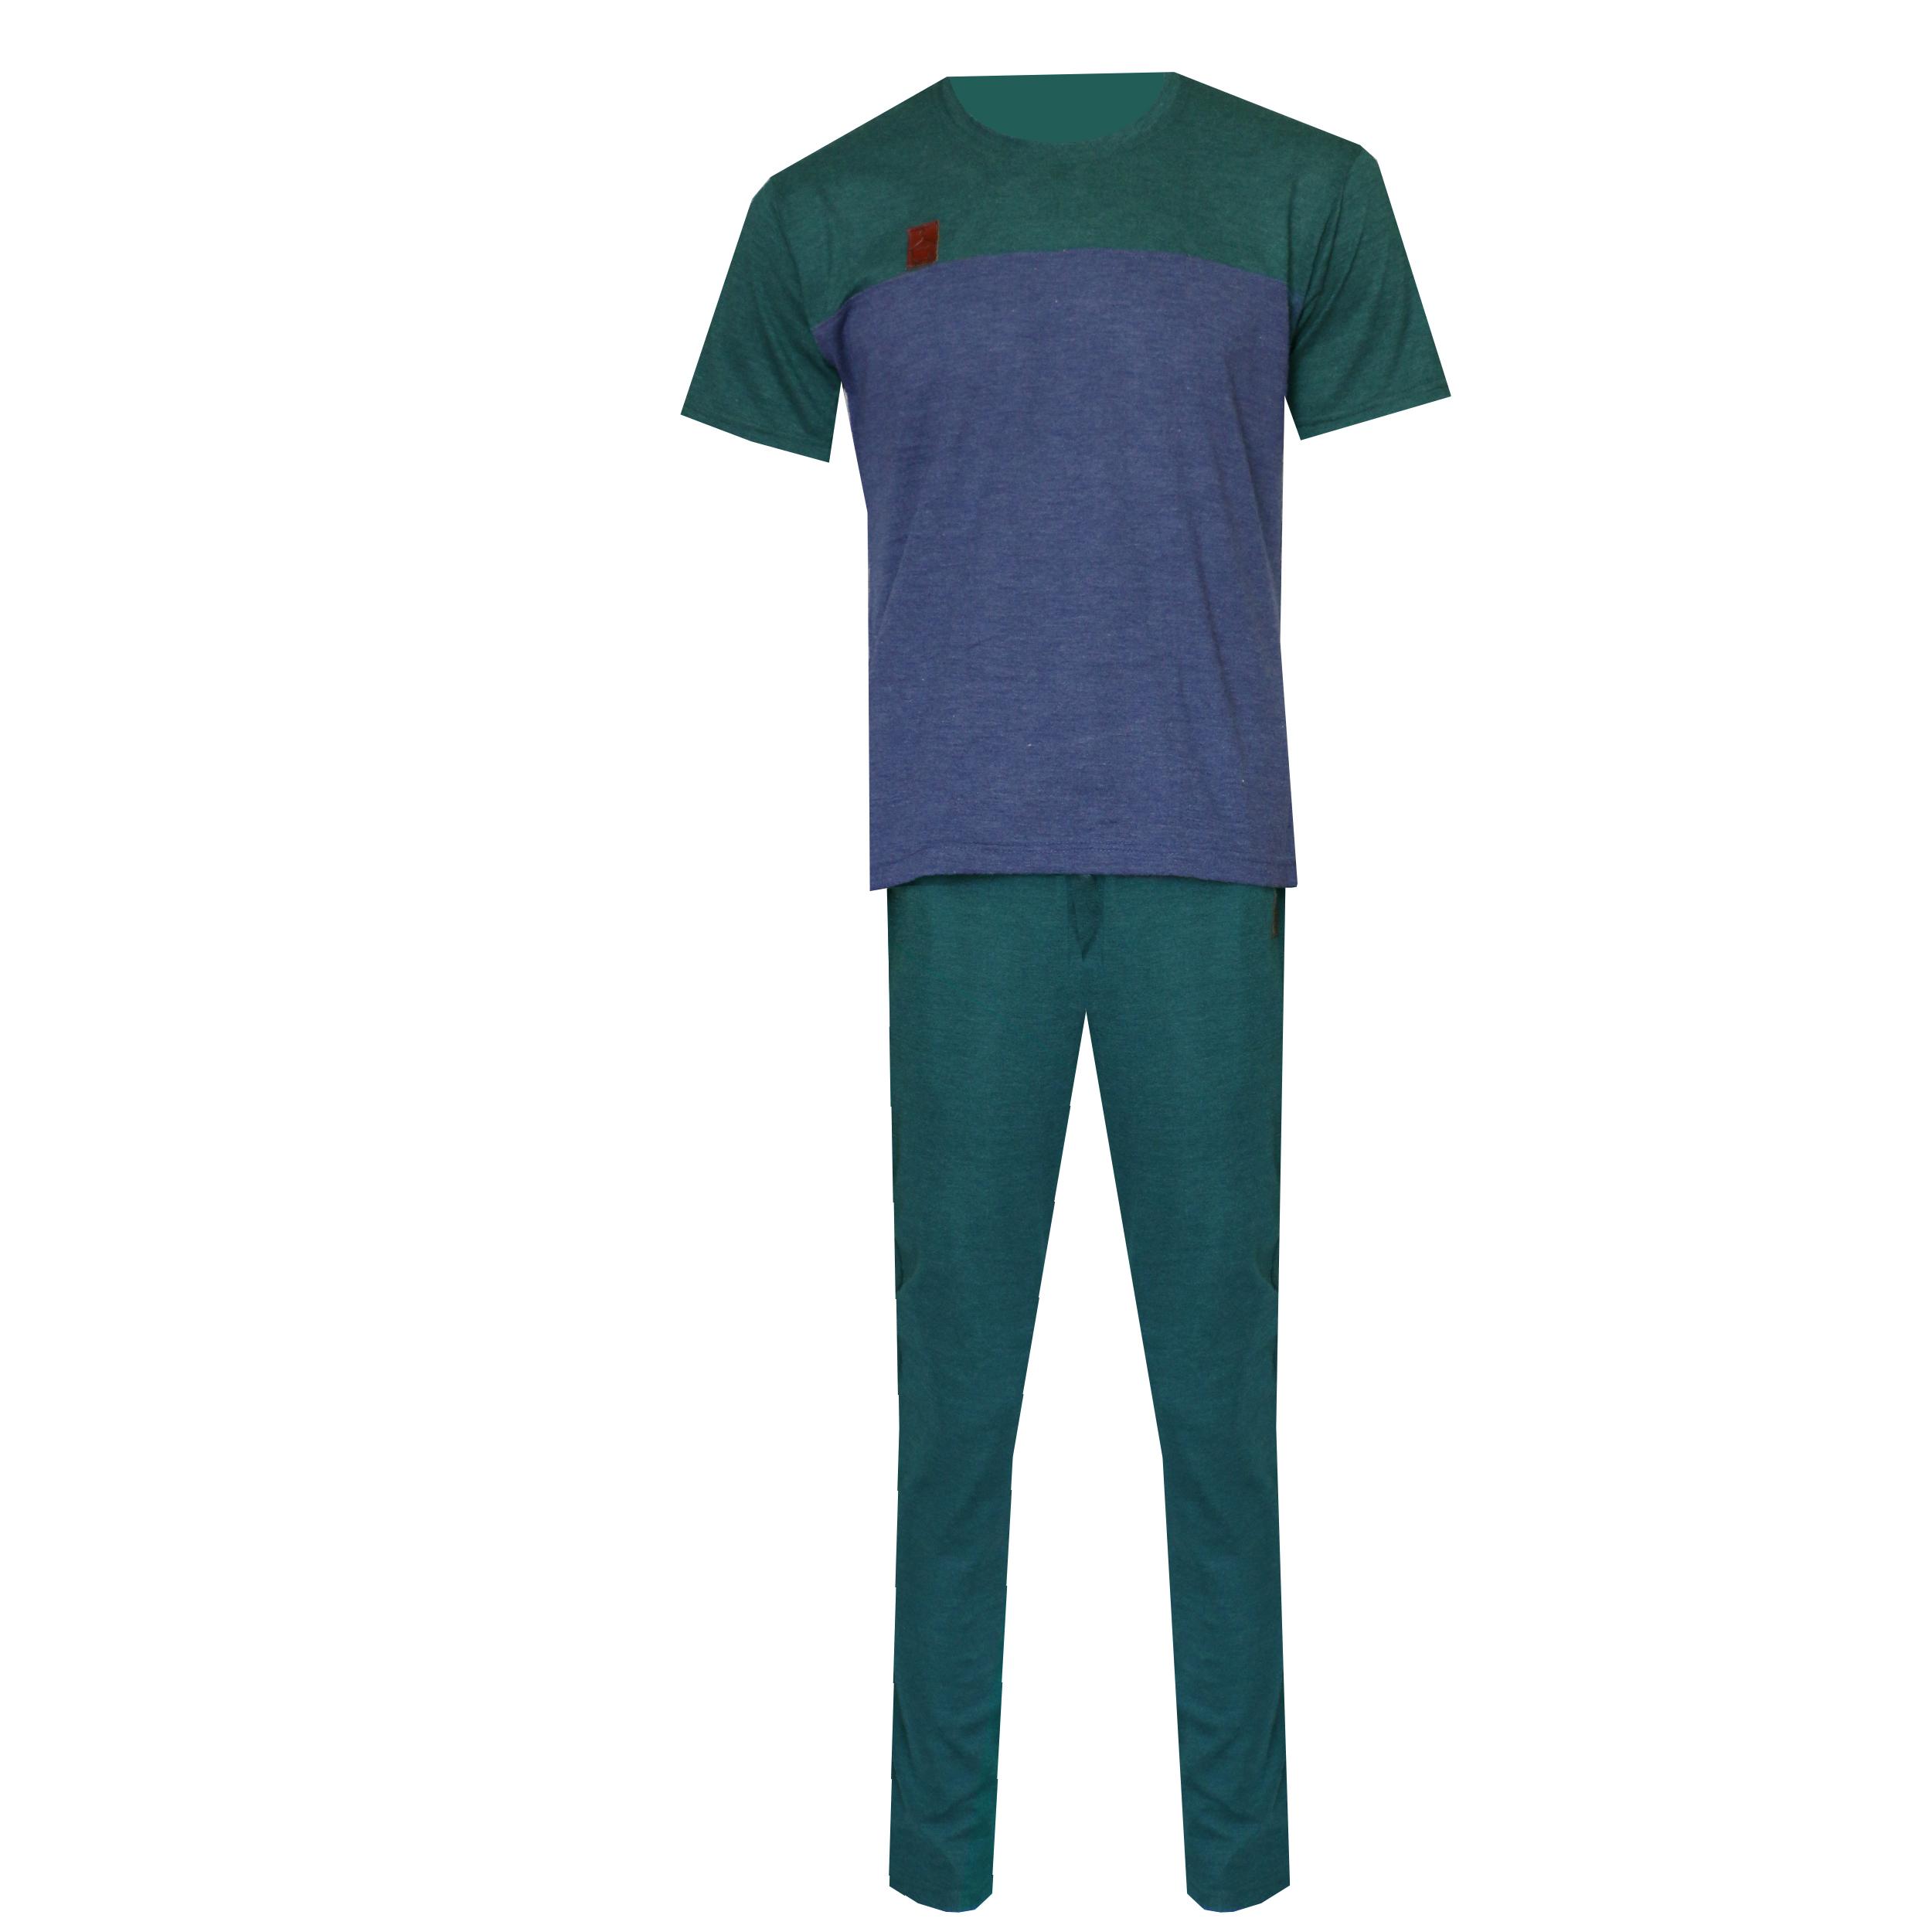 ست تی شرت و شلوار مردانه لباس خونه کد 990801 رنگ آبی کاربنی